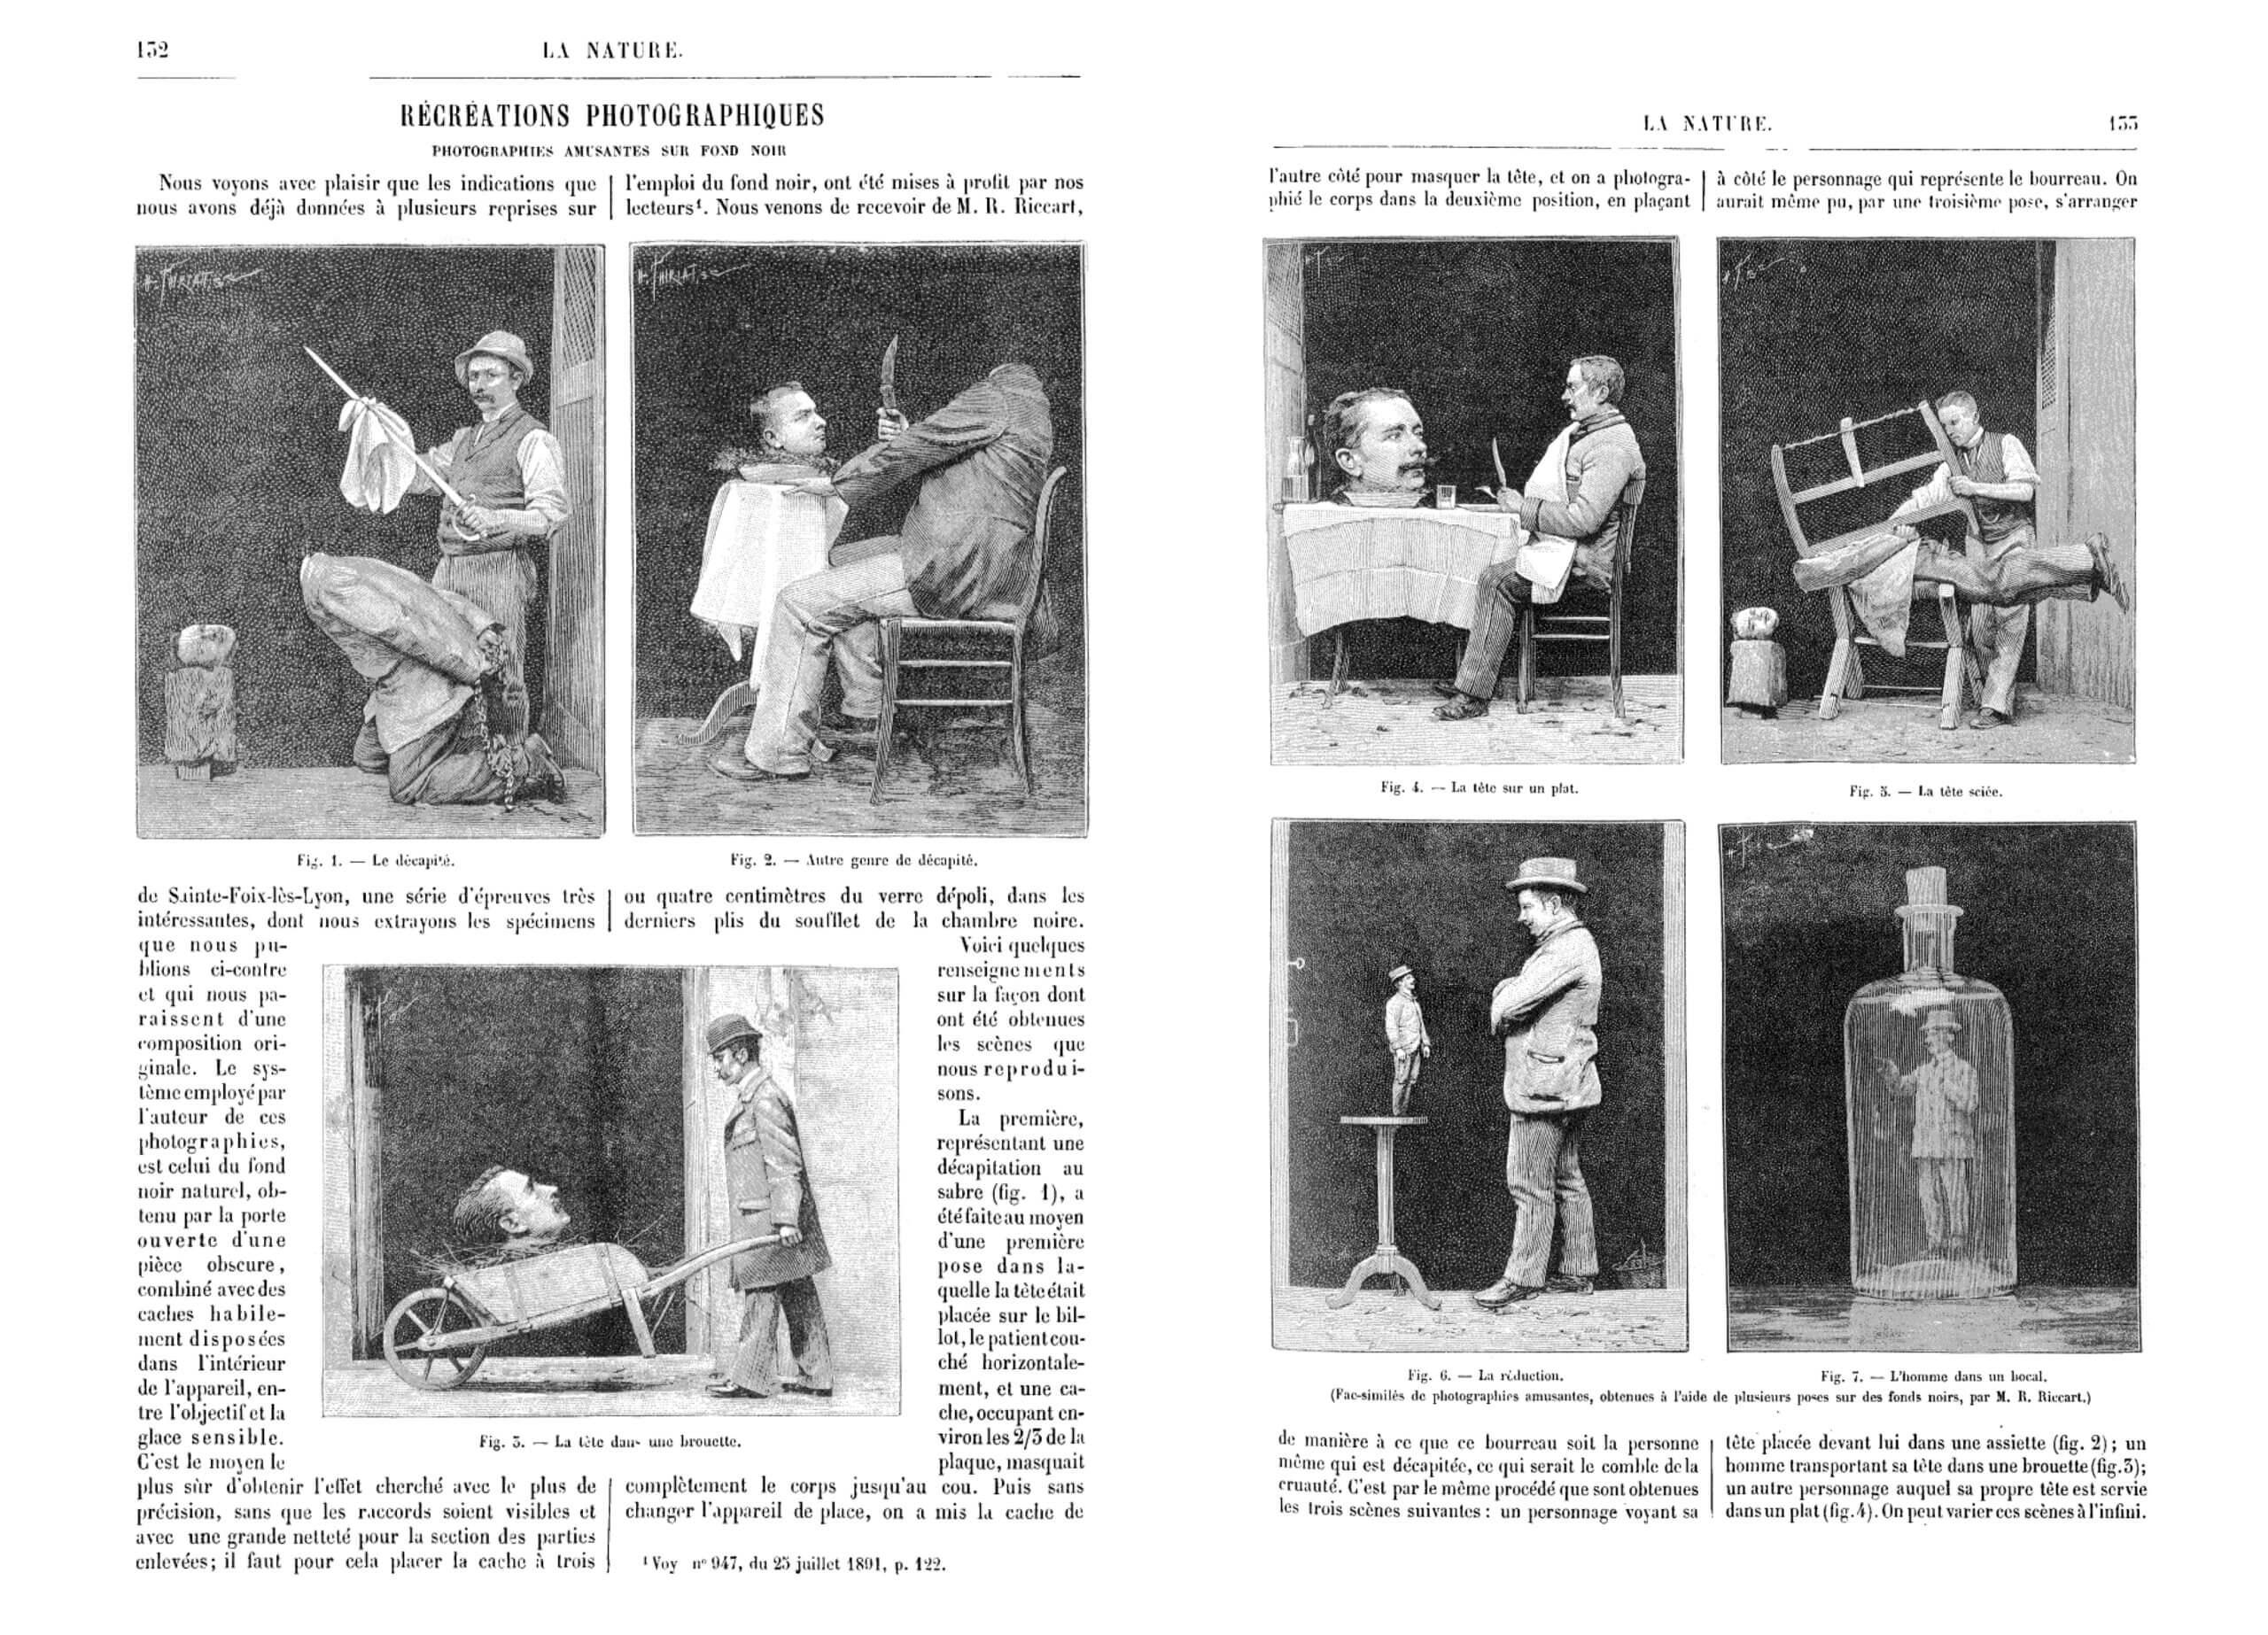 Gabriel Mareschal, « Récréations photographiques. Photographies amusantes sur fond noir ». Revue <i>La Nature</i>, n° 1026, Paris, Masson, 1893, pp. 132-133